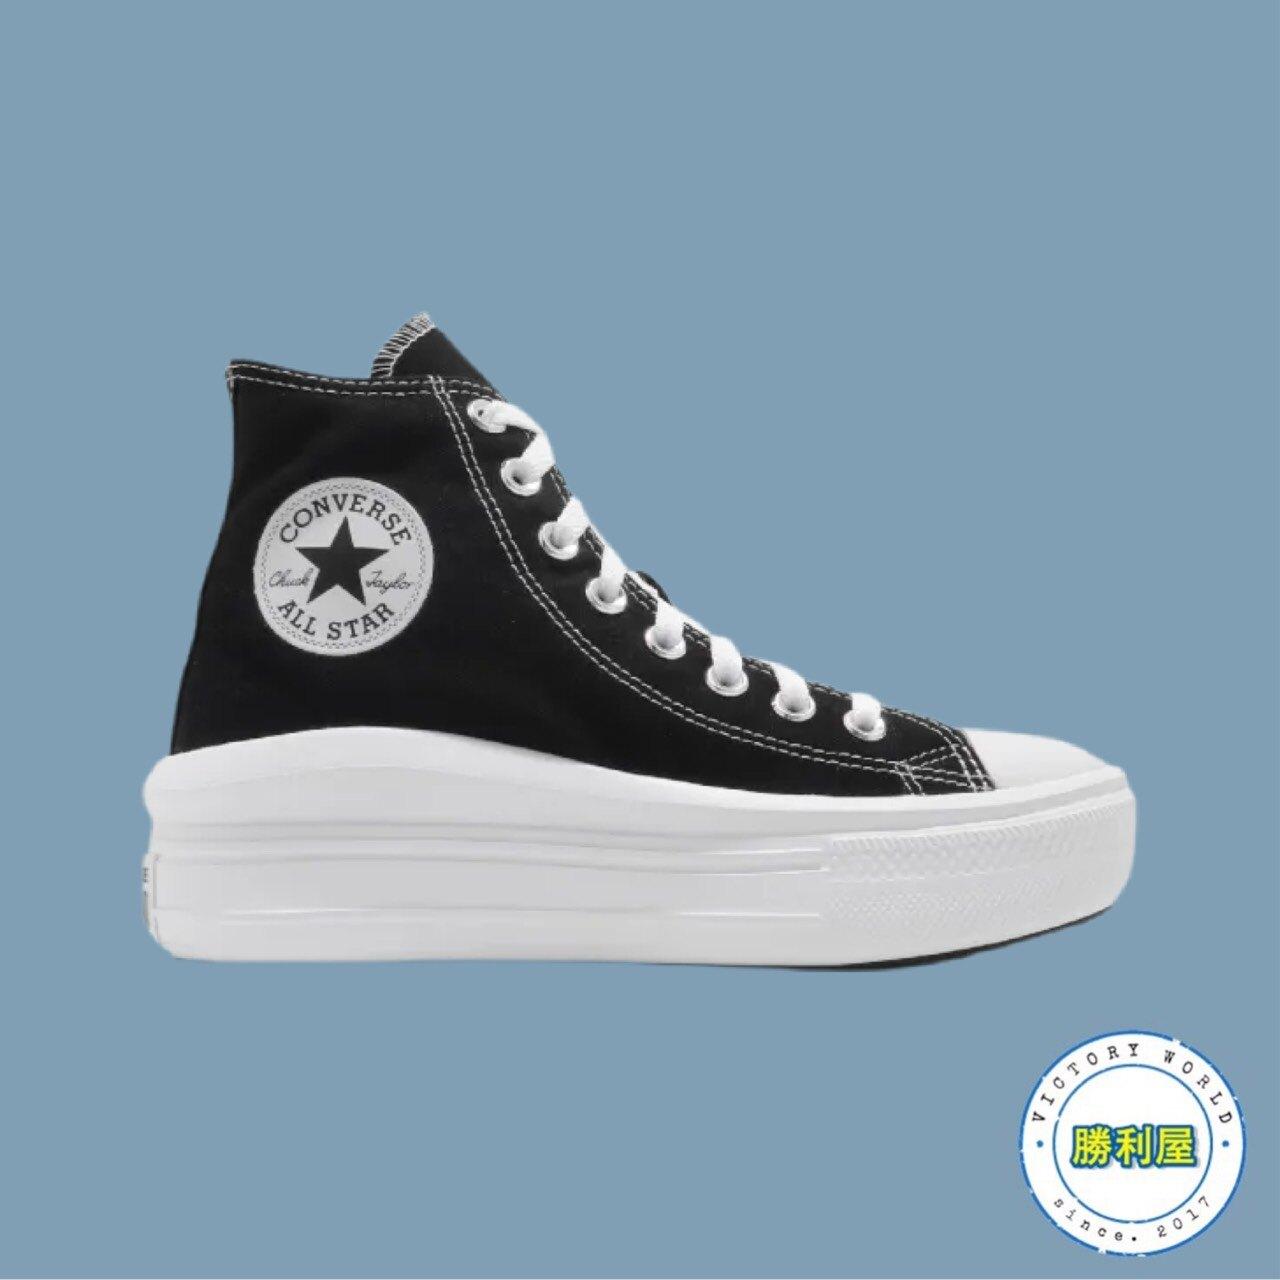 【滿額↘現折$200】【CONVERSE】CONVERSE ALL STAR MOVE HI 男鞋 女鞋 休閒鞋 帆布鞋 厚底鞋 高筒 黑白 增高 熱門款 568497C【勝利屋】